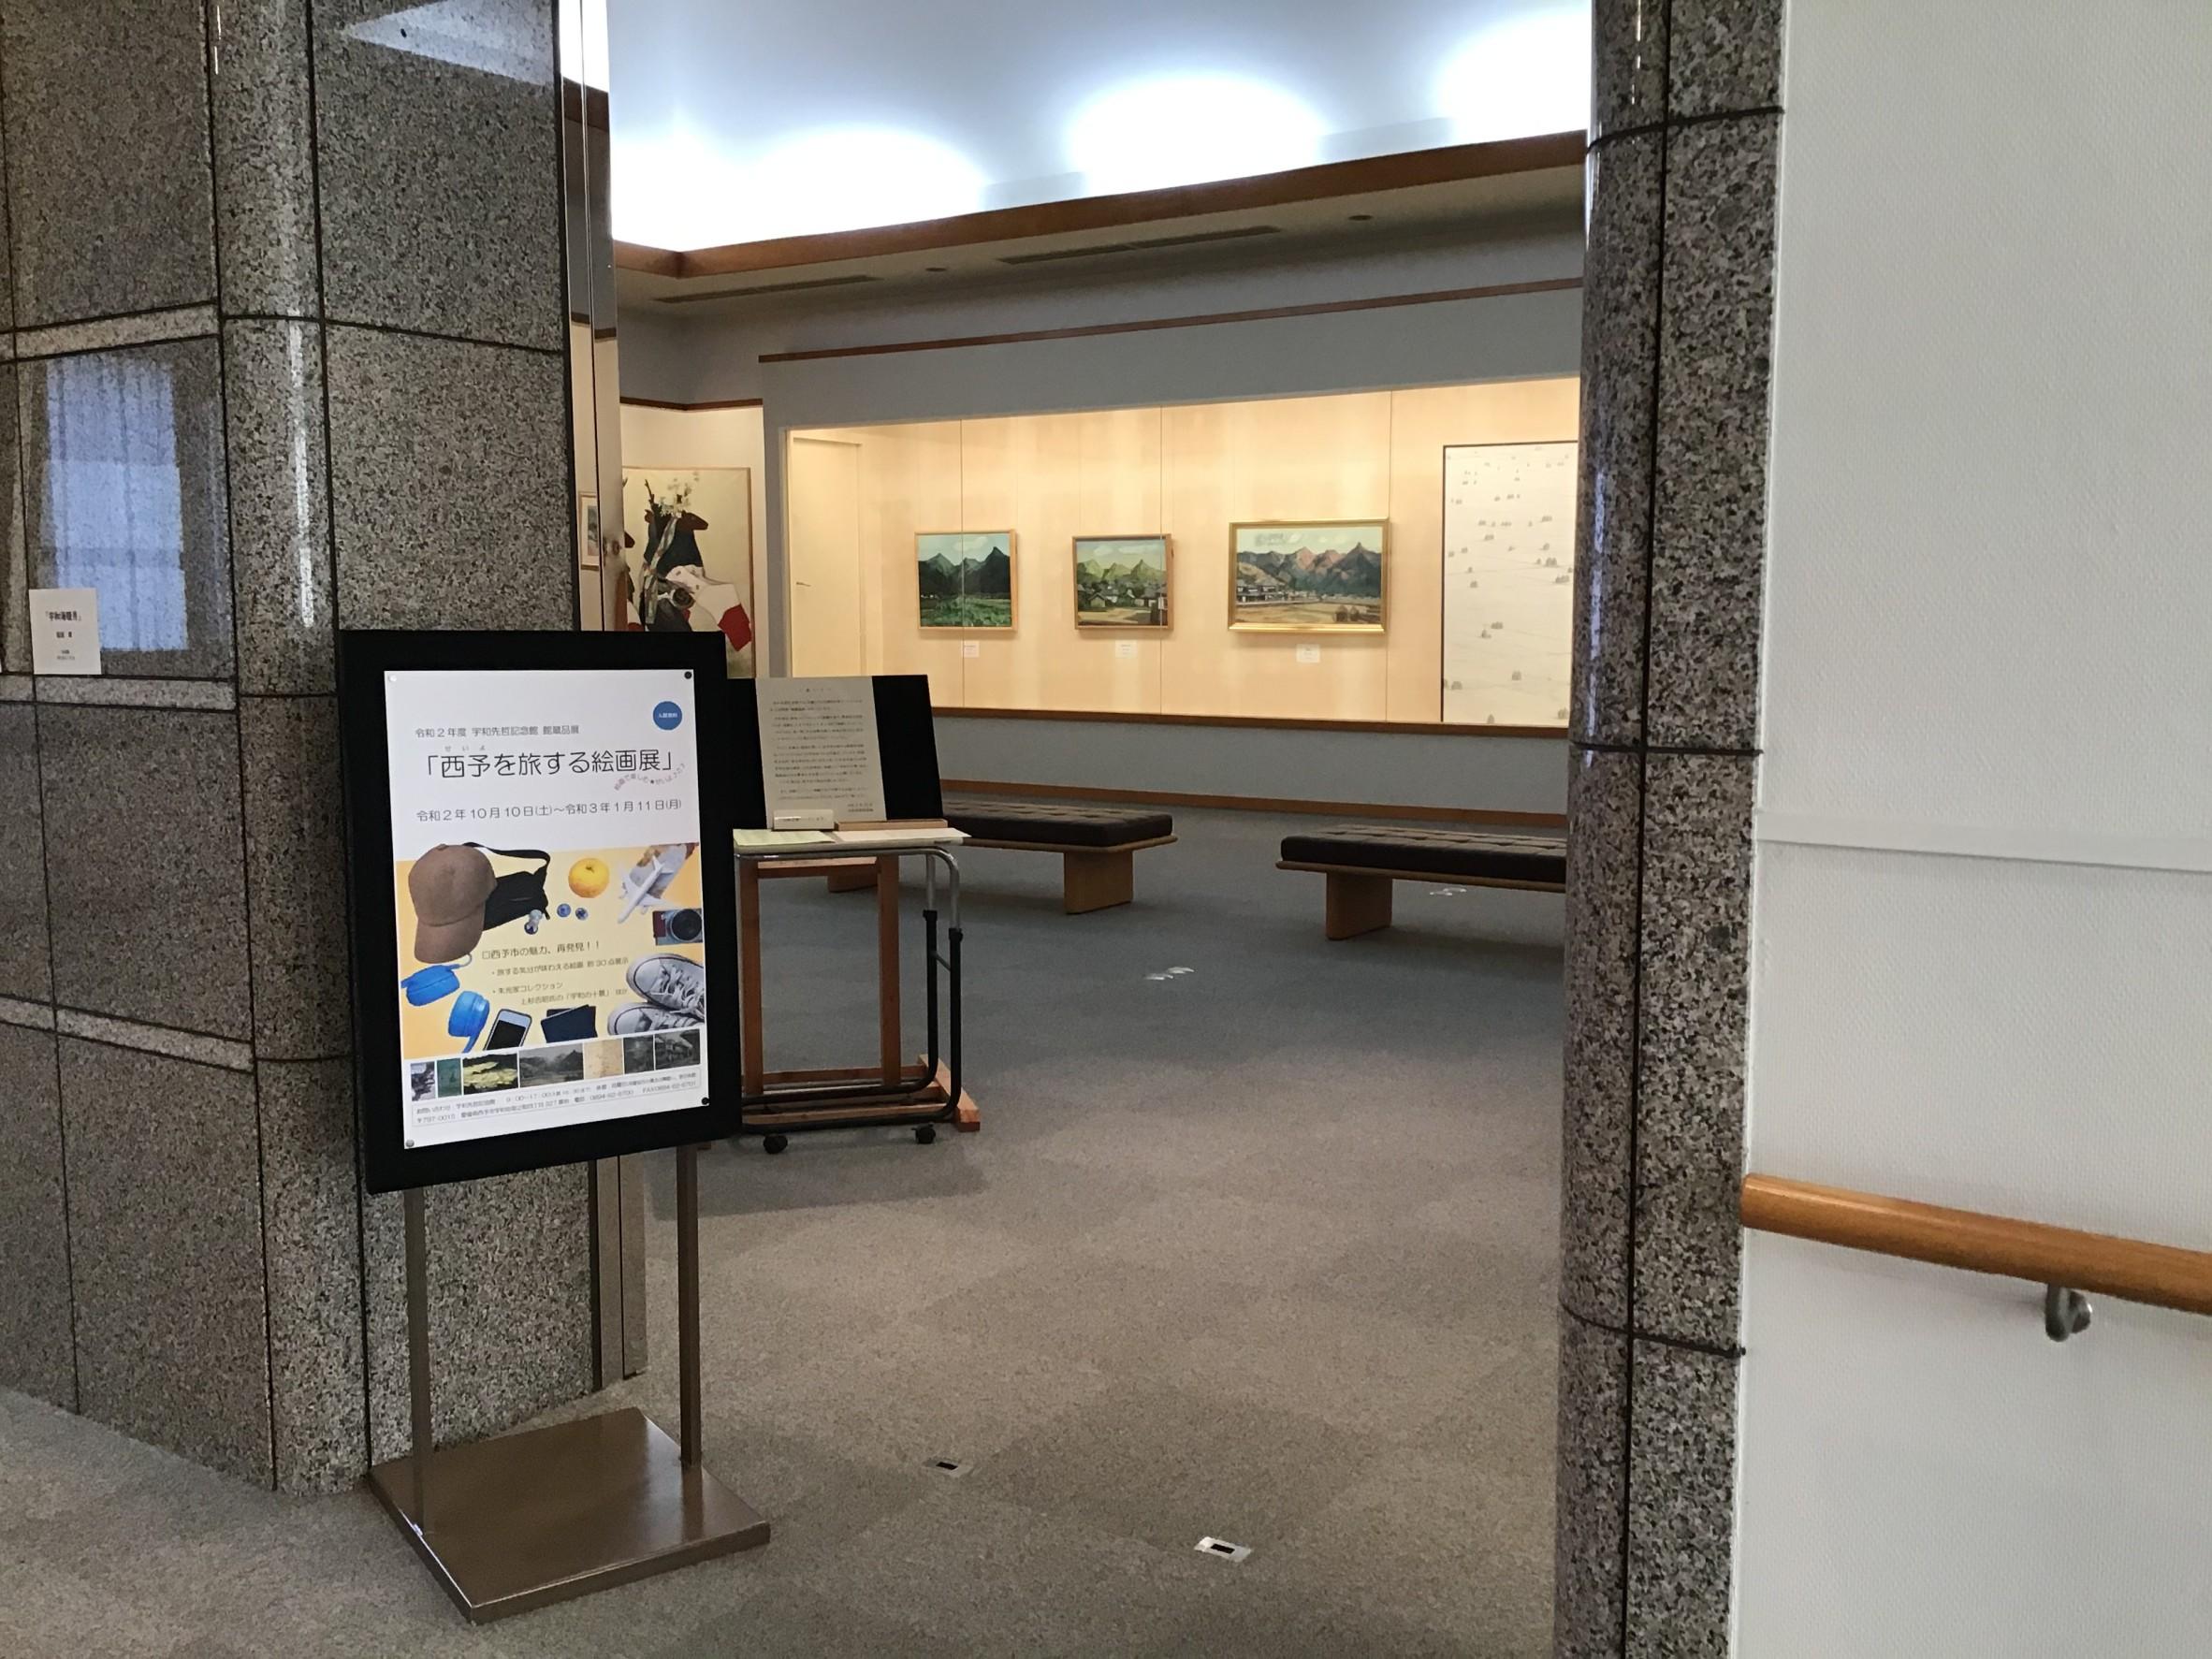 宇和先哲記念館 館蔵品展 「西予を旅する絵画展」